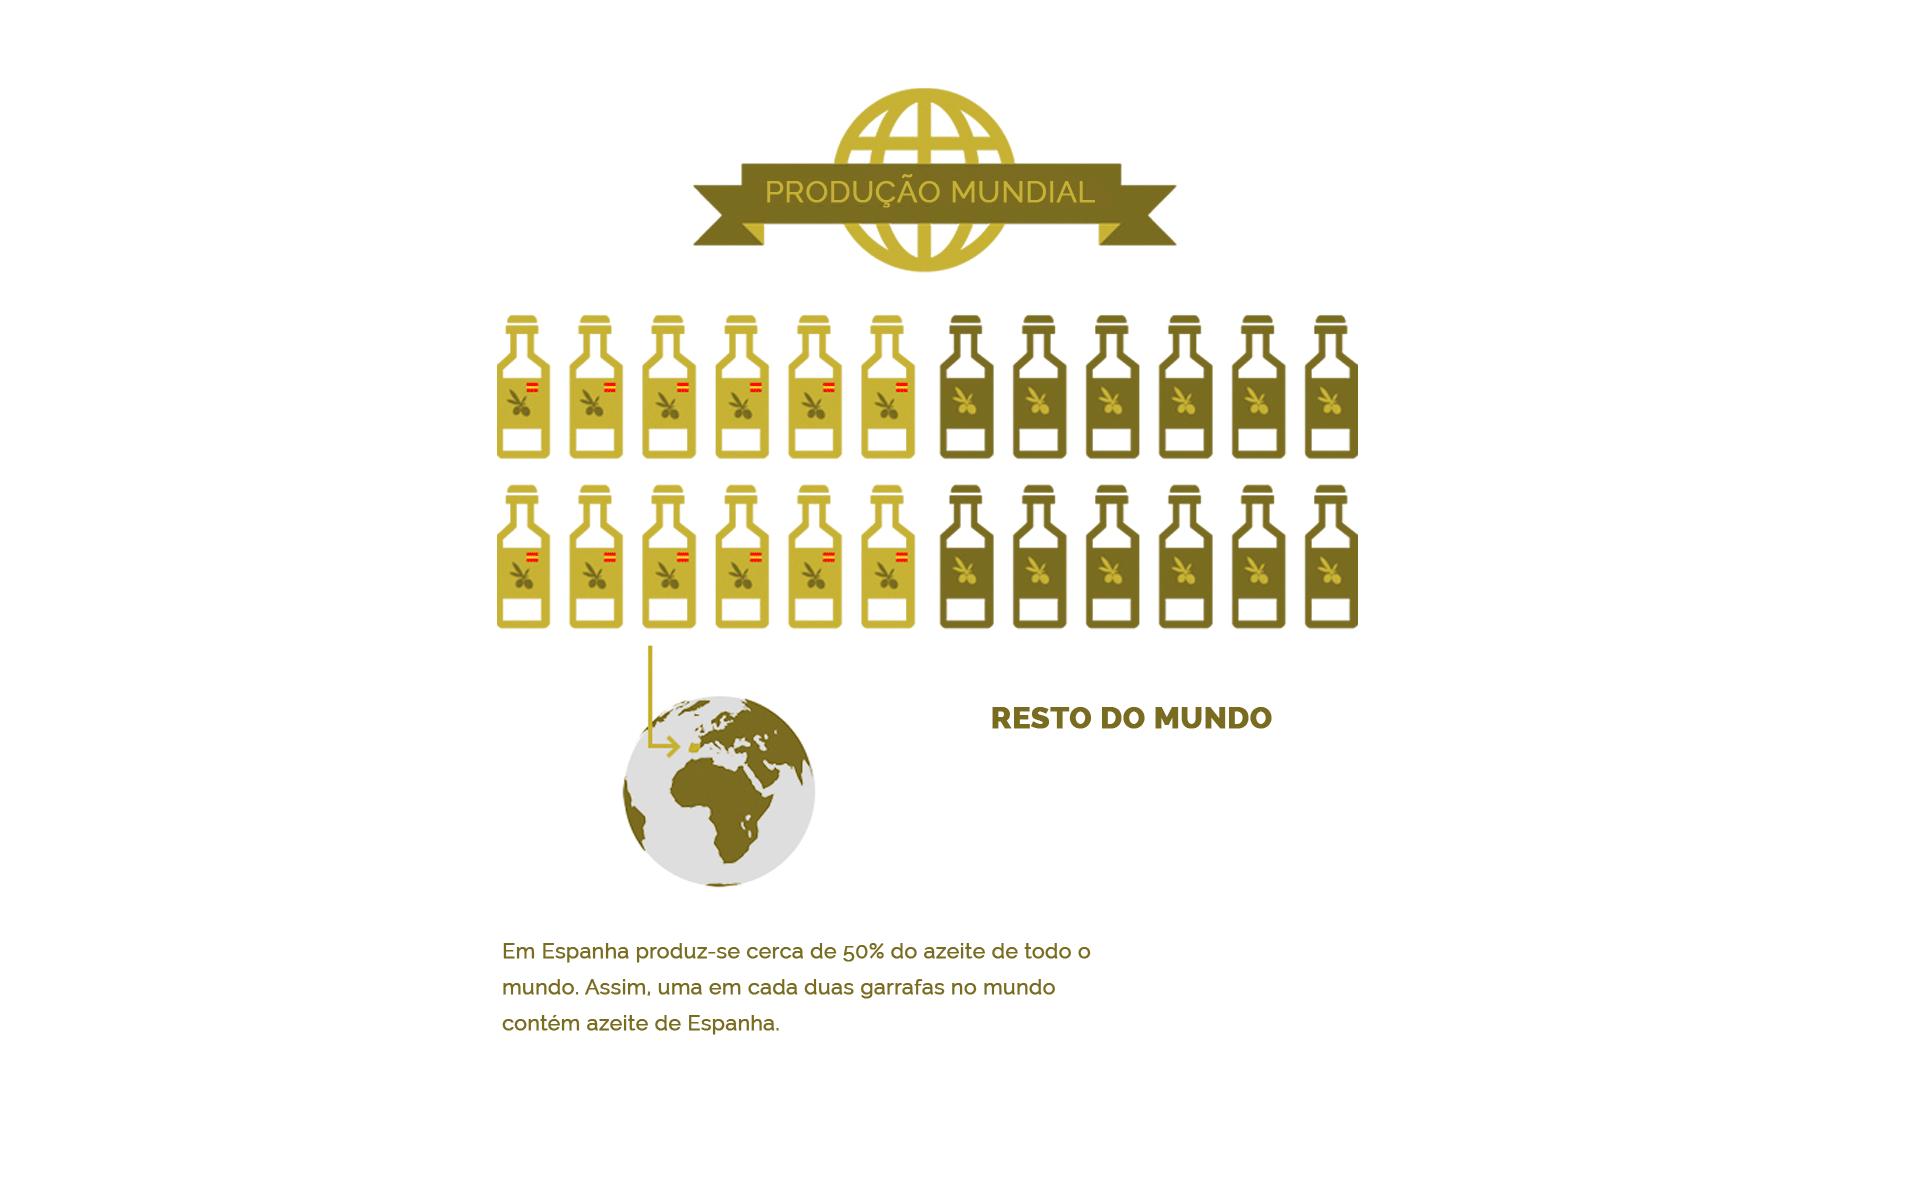 produção mundial do azeite de oliva espanhol